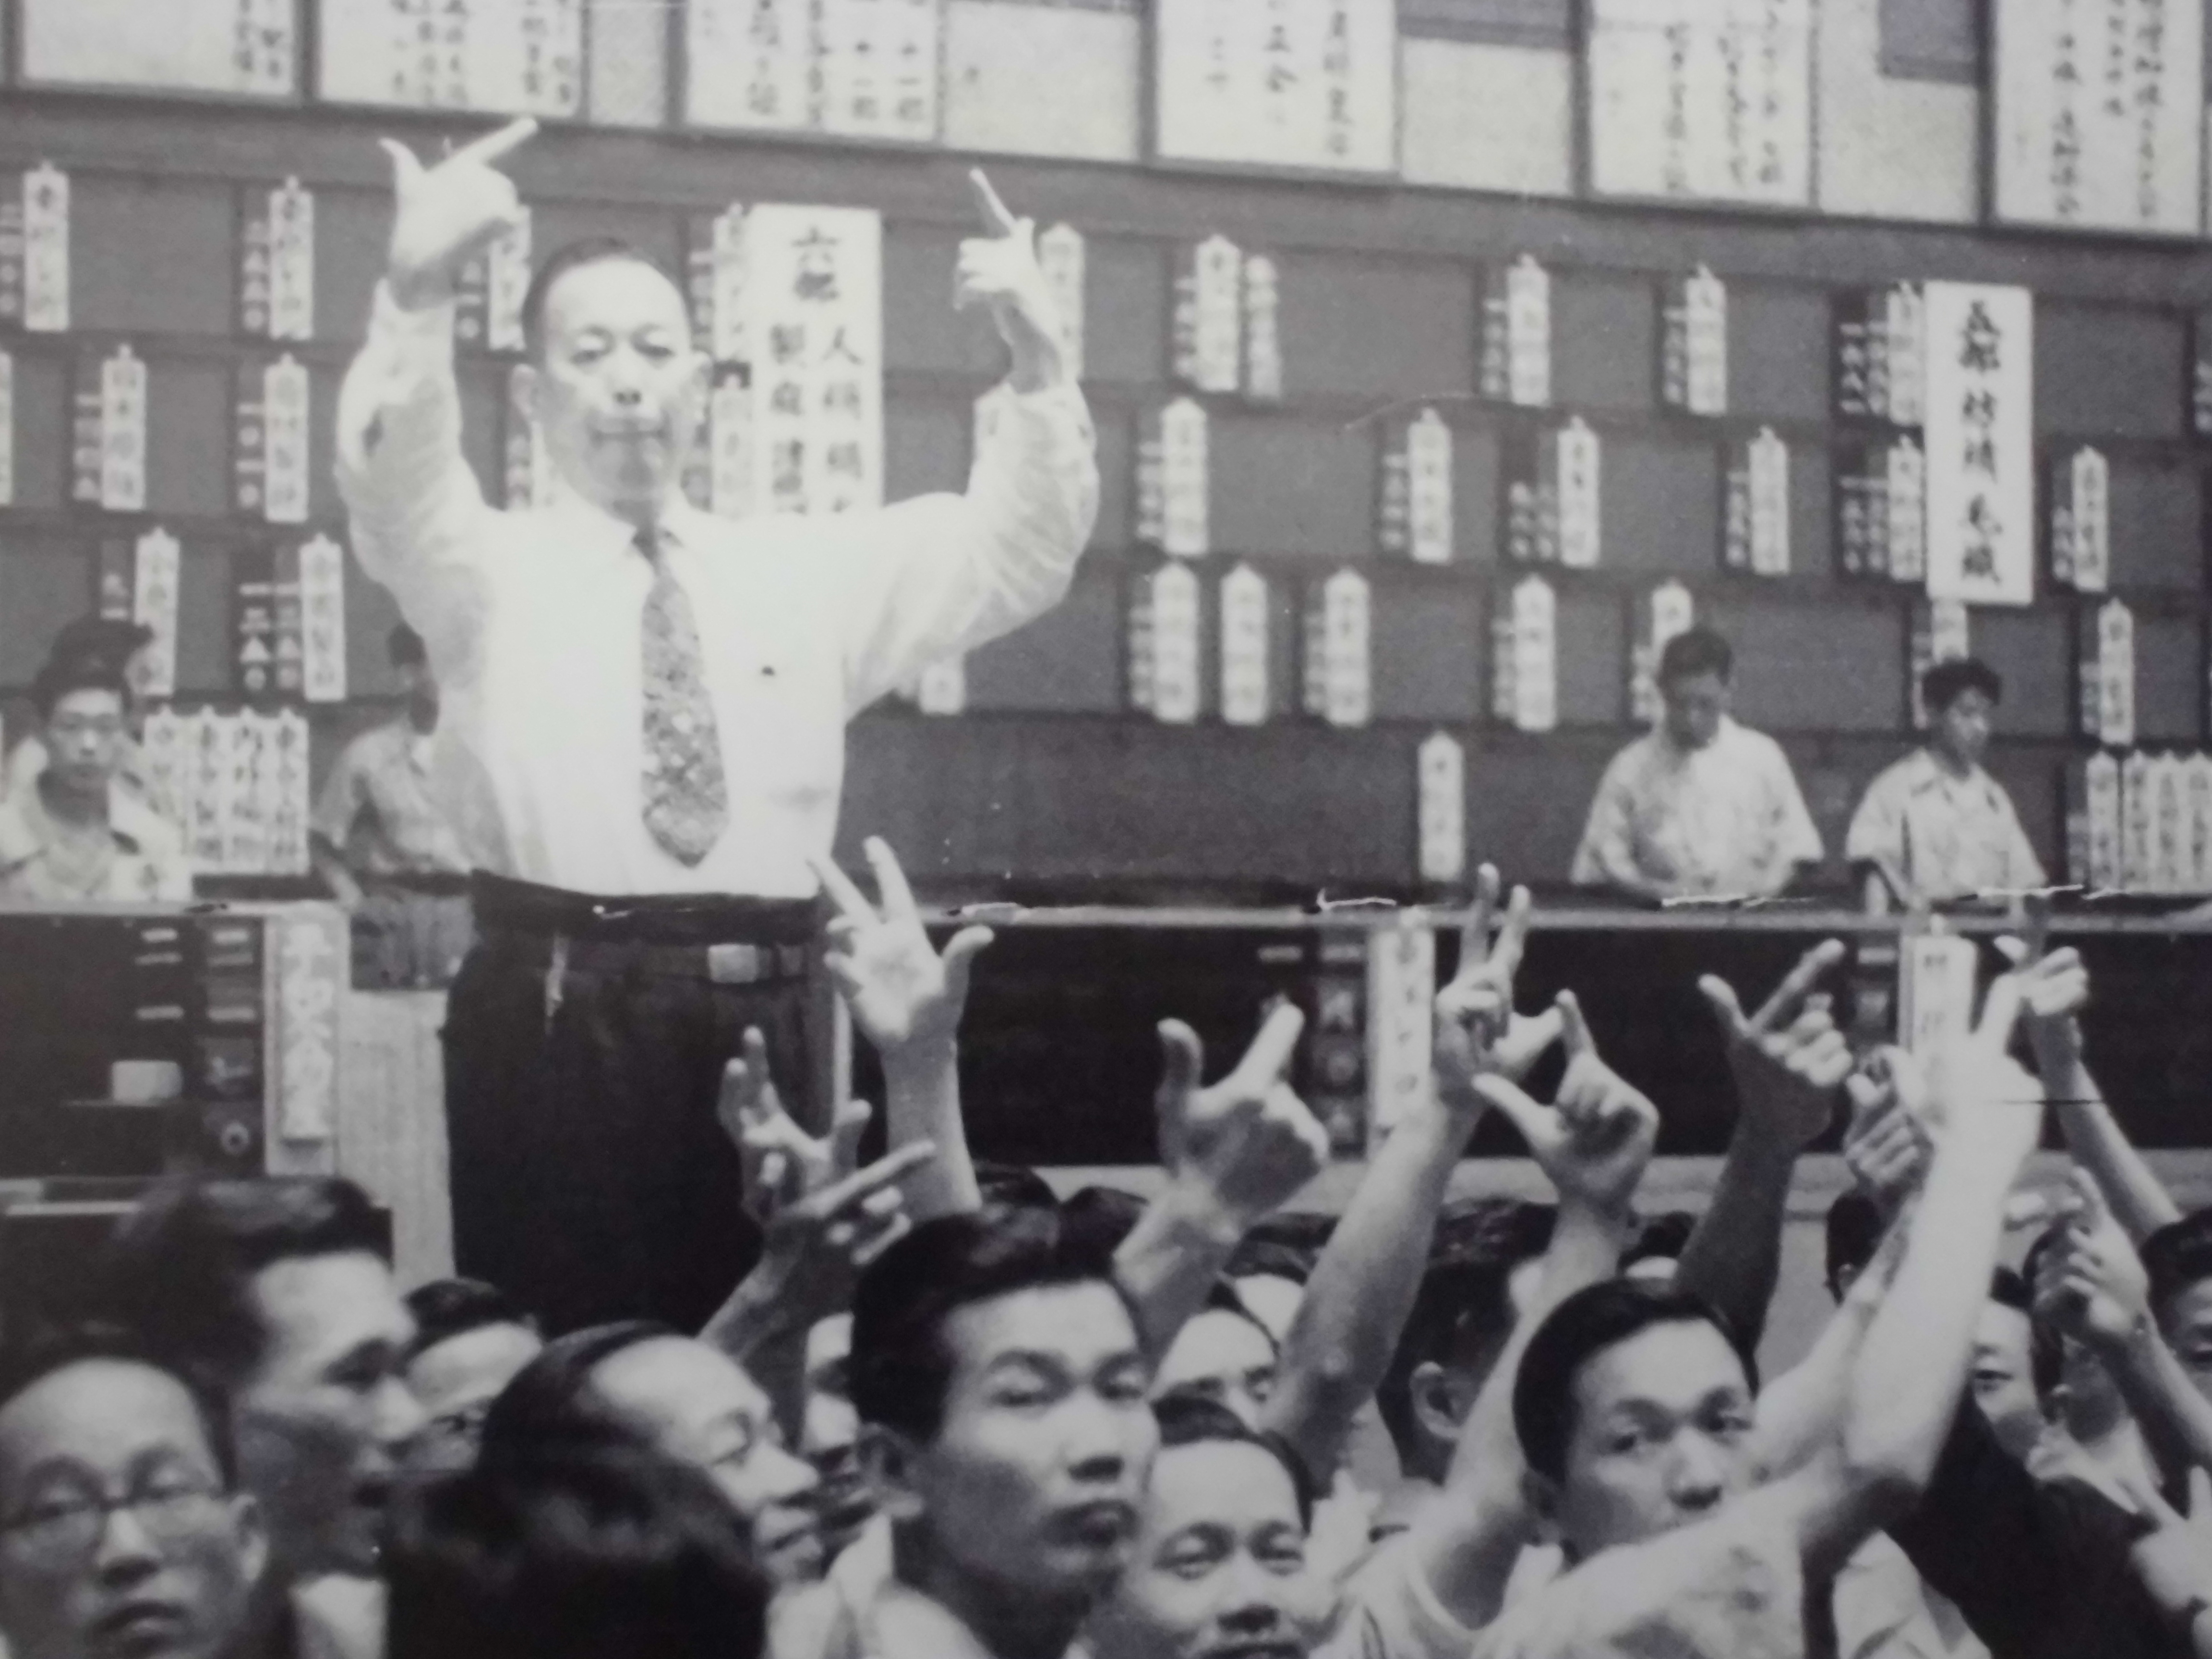 株式取引やデリバティブって何だろう?【大阪取引所に行ってきました。by-VEGETAPSY】